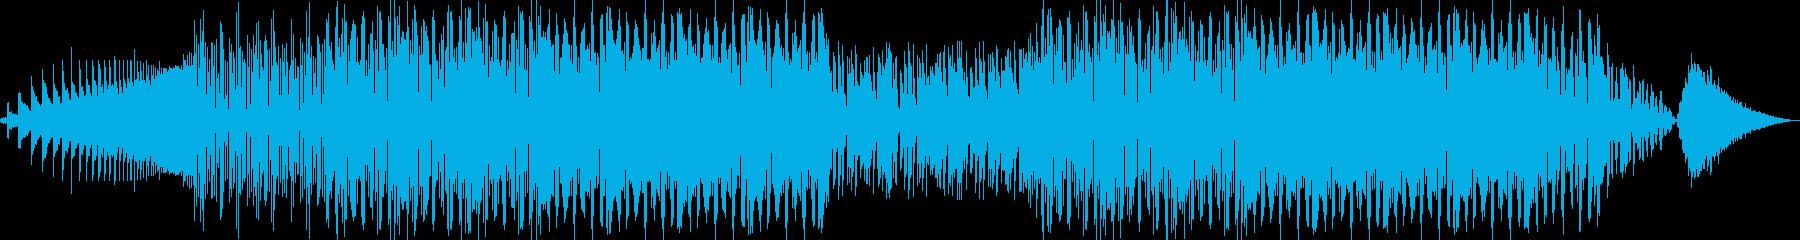 かわいらしいコミカルサウンドの再生済みの波形